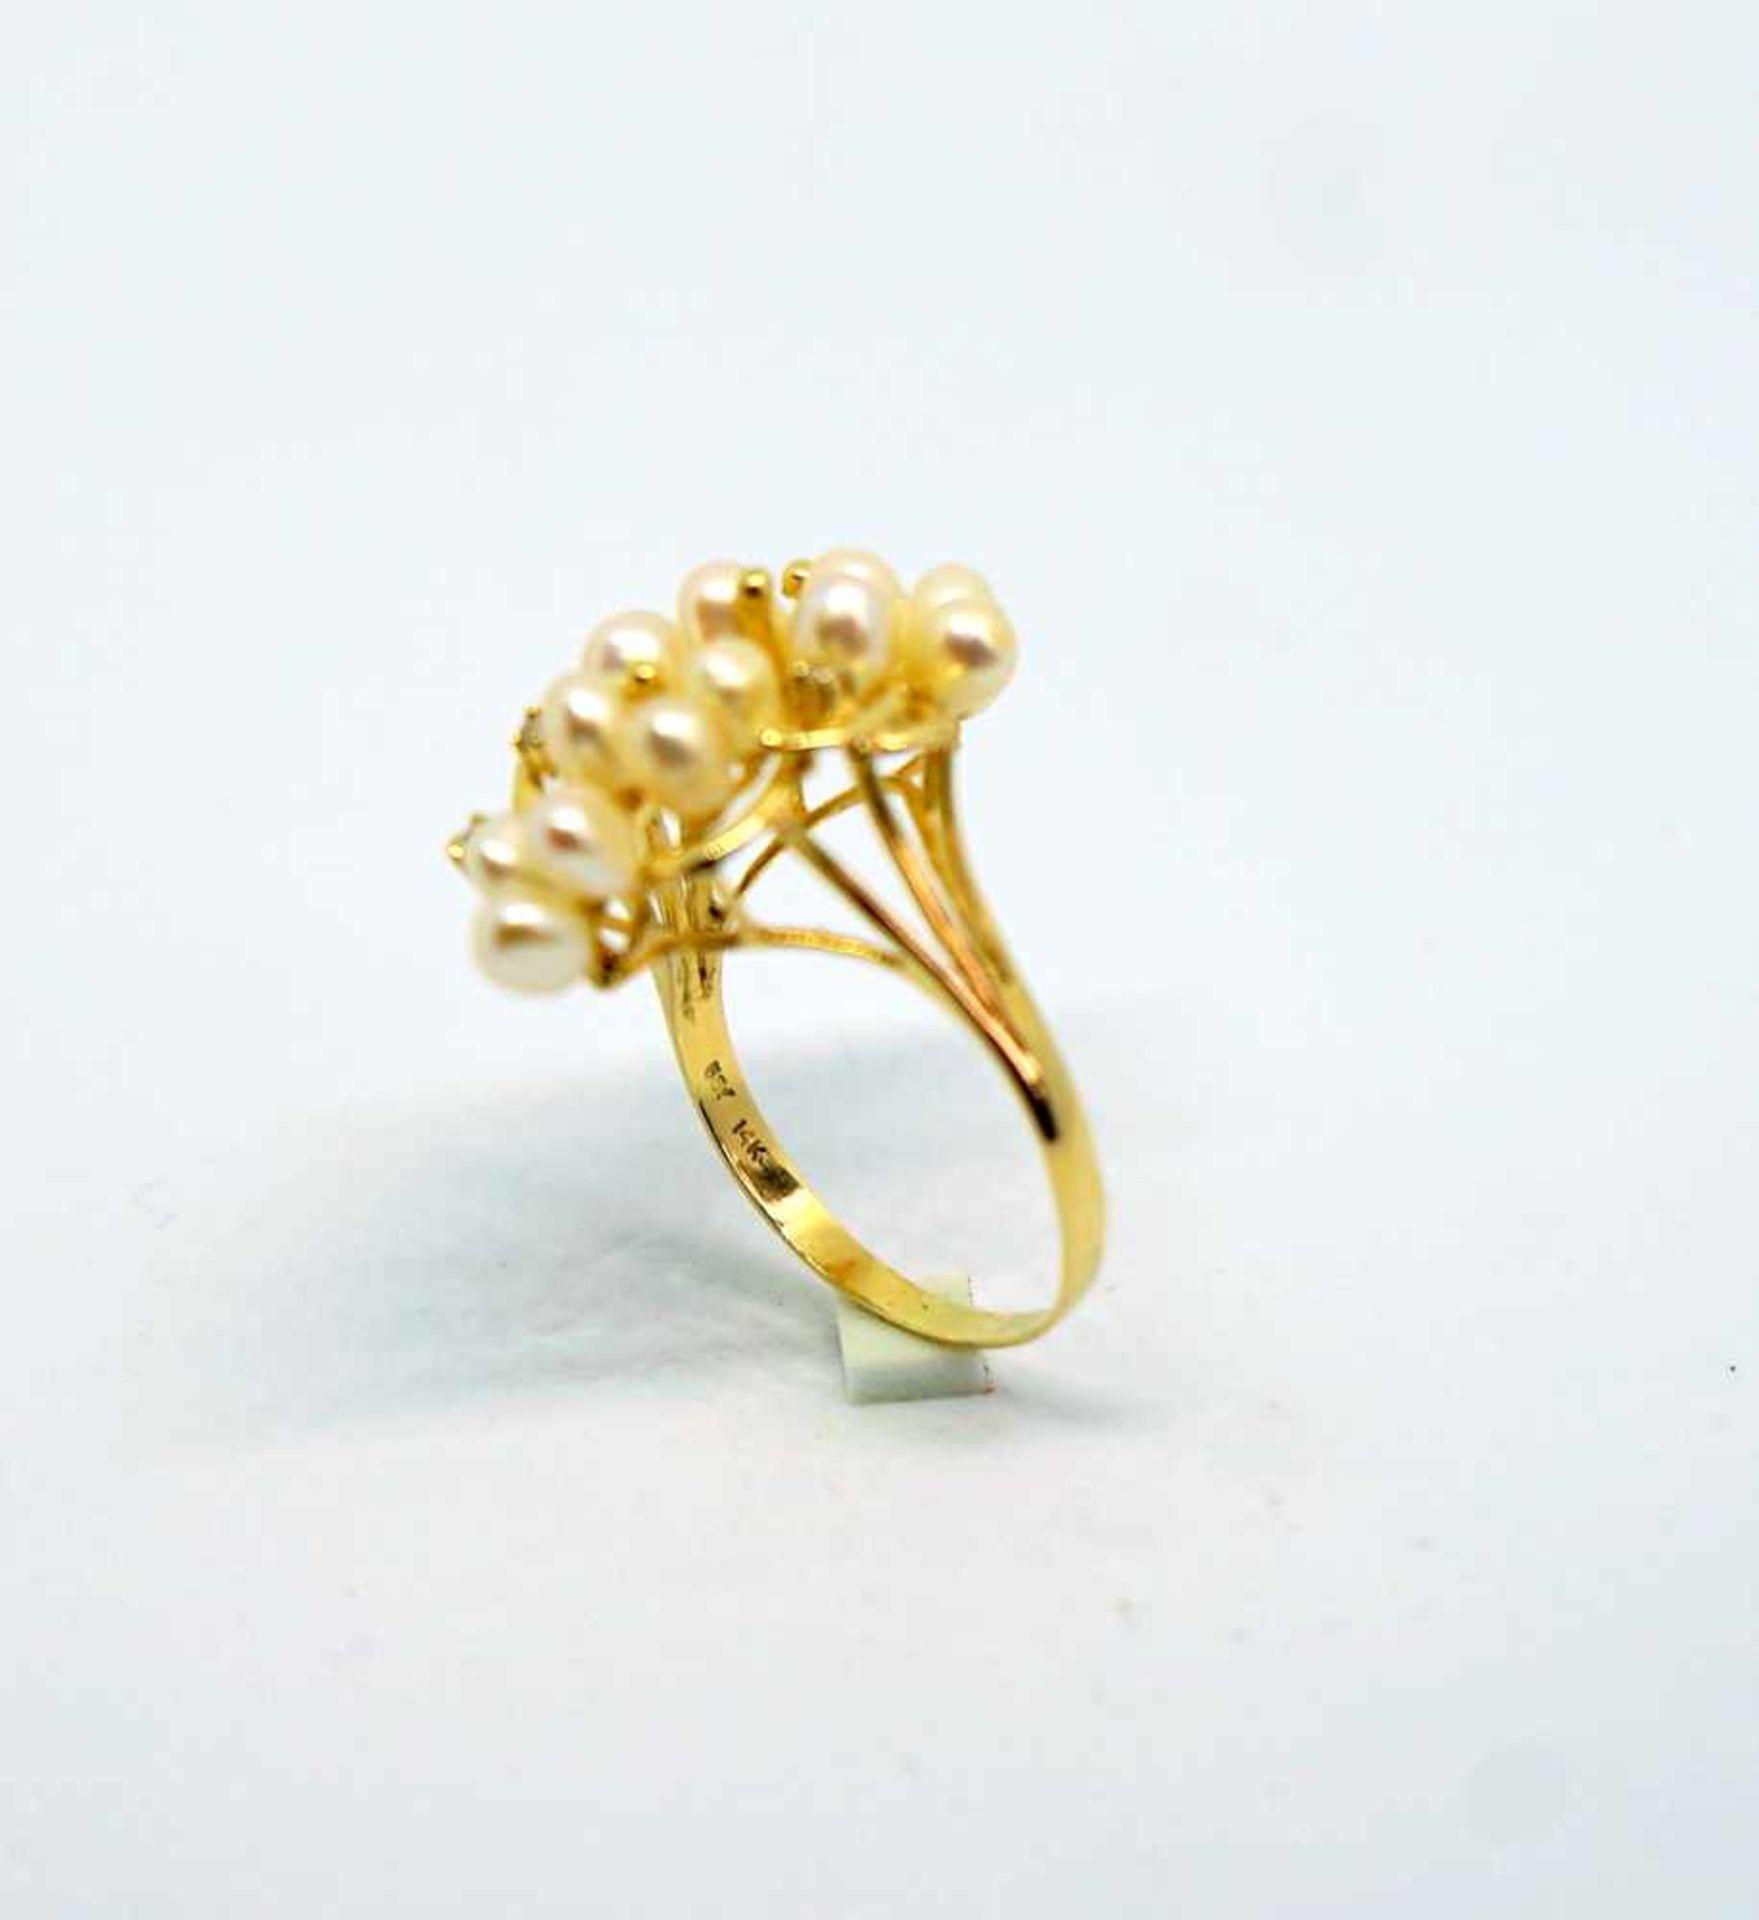 Feiner Perlenring14 K Gelbgold. Prächtiger Damenring besetzt mit kleinen Perlen, flan - Image 3 of 4